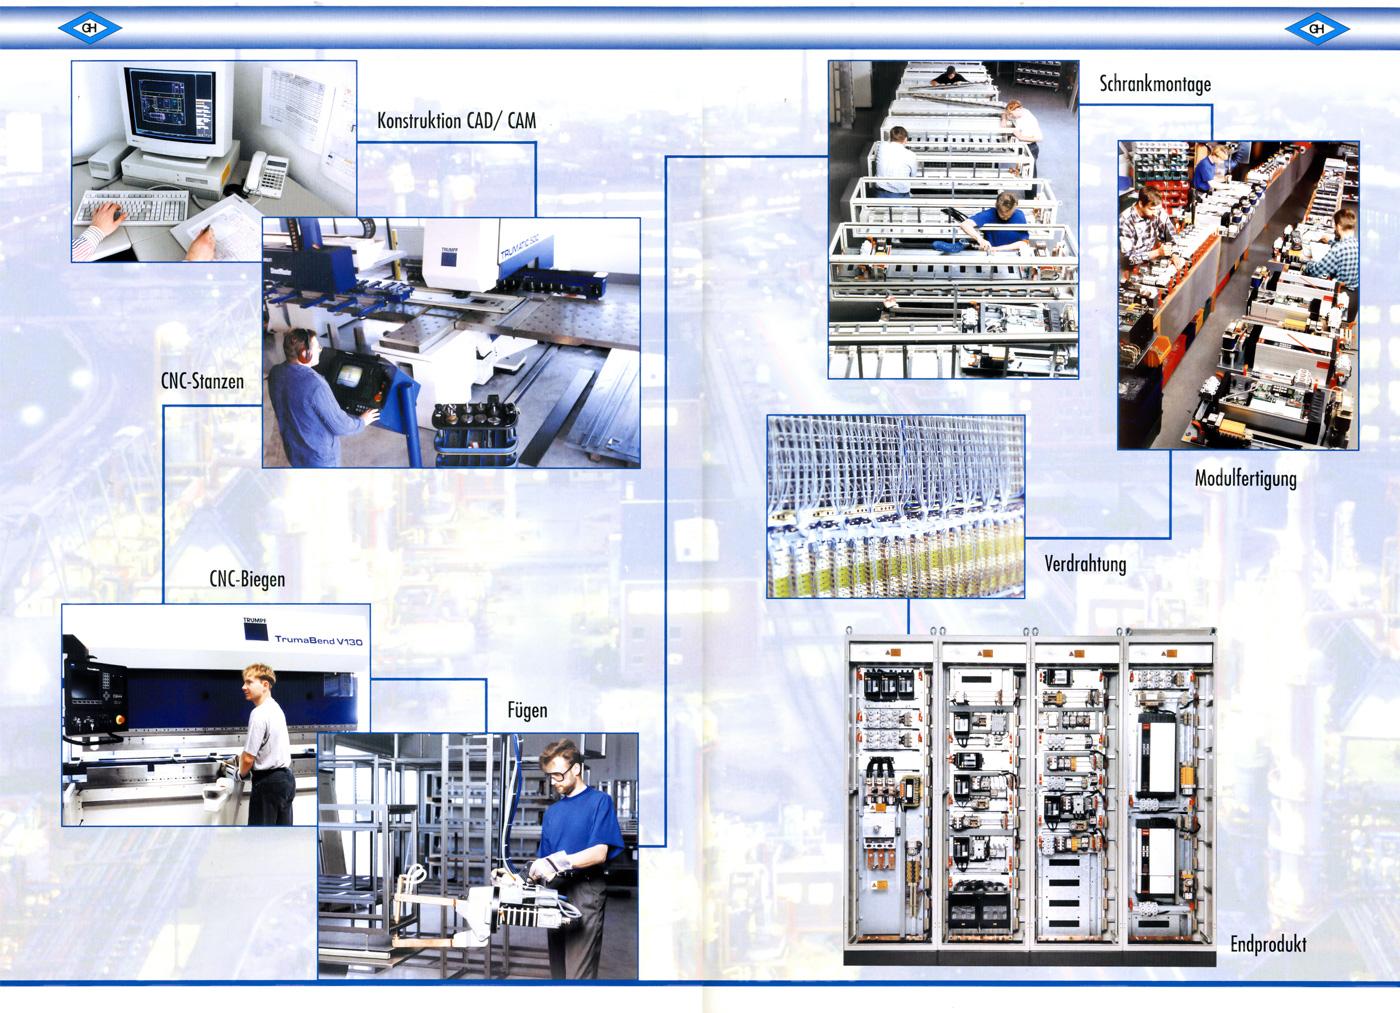 CNC Lasern , CNC Stanzen, CNc Schneiden , CAD/ Cam Kostruktion , 19 Zoll Gestell, Rack , Baugruppenträger, Einschub , Montagerahmen ,